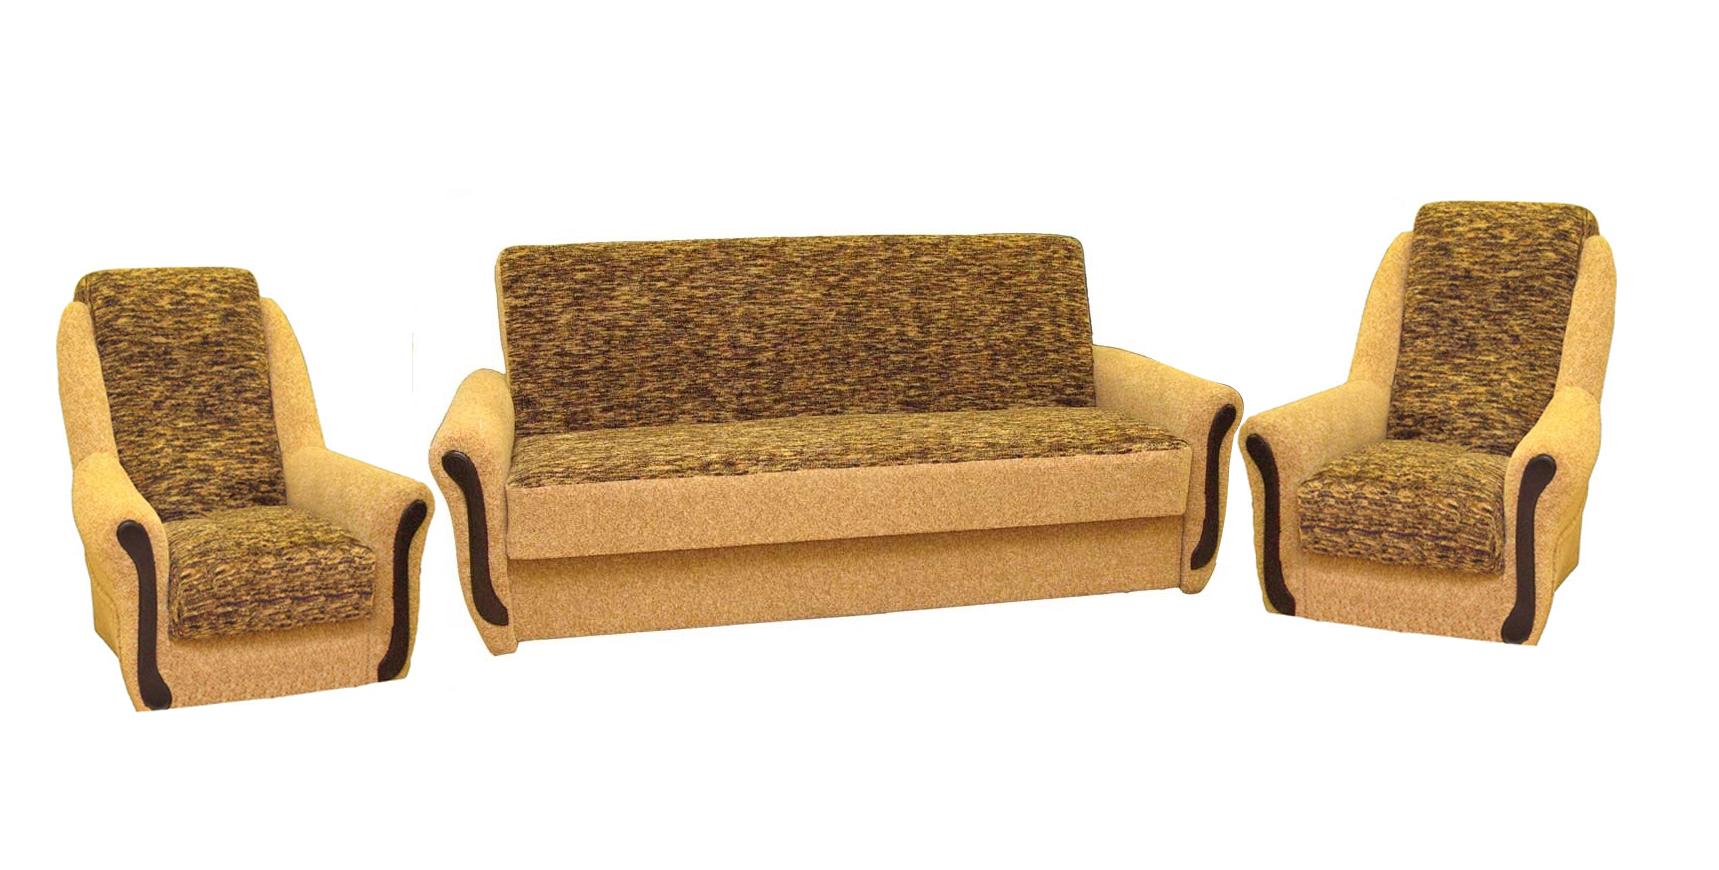 Комплект мягкой мебели Прима 3+1+1Комплекты мягкой мебели<br>Размер: диван: 220x95 (сп. м. 122x190); кресло: 80x79<br><br>Механизм: Книжка<br>Материалы: Массив сосны, высокопрочная фанера<br>Каркас: Деревянный<br>Полный размер: 220x95<br>Спальное место: 122x190<br>Размер кресла: 80x79<br>Наполнитель: Пружинный блок Боннель, короб ППУ по периметру<br>Комплектация: Ящик для белья<br>Примечание: Стоимость указана по минимальной категории ткани<br>Изготовление и доставка: 8-10 дней<br>Условия доставки: Бесплатная по Москве до подъезда<br>Условие оплаты: Оплата наличными при получении товара<br>Доставка по МО (за пределами МКАД): 30 руб./км<br>Доставка в пределах ТТК: Доставка в центр Москвы осуществляется ночью, с 22.00 до 6.00 утра<br>Подъем на грузовом лифте: 1100 руб.<br>Подъем без лифта: 550 руб./этаж<br>Сборка: 600 руб.<br>Гарантия: 12 месяцев<br>Производство: Россия<br>Производитель: Утин